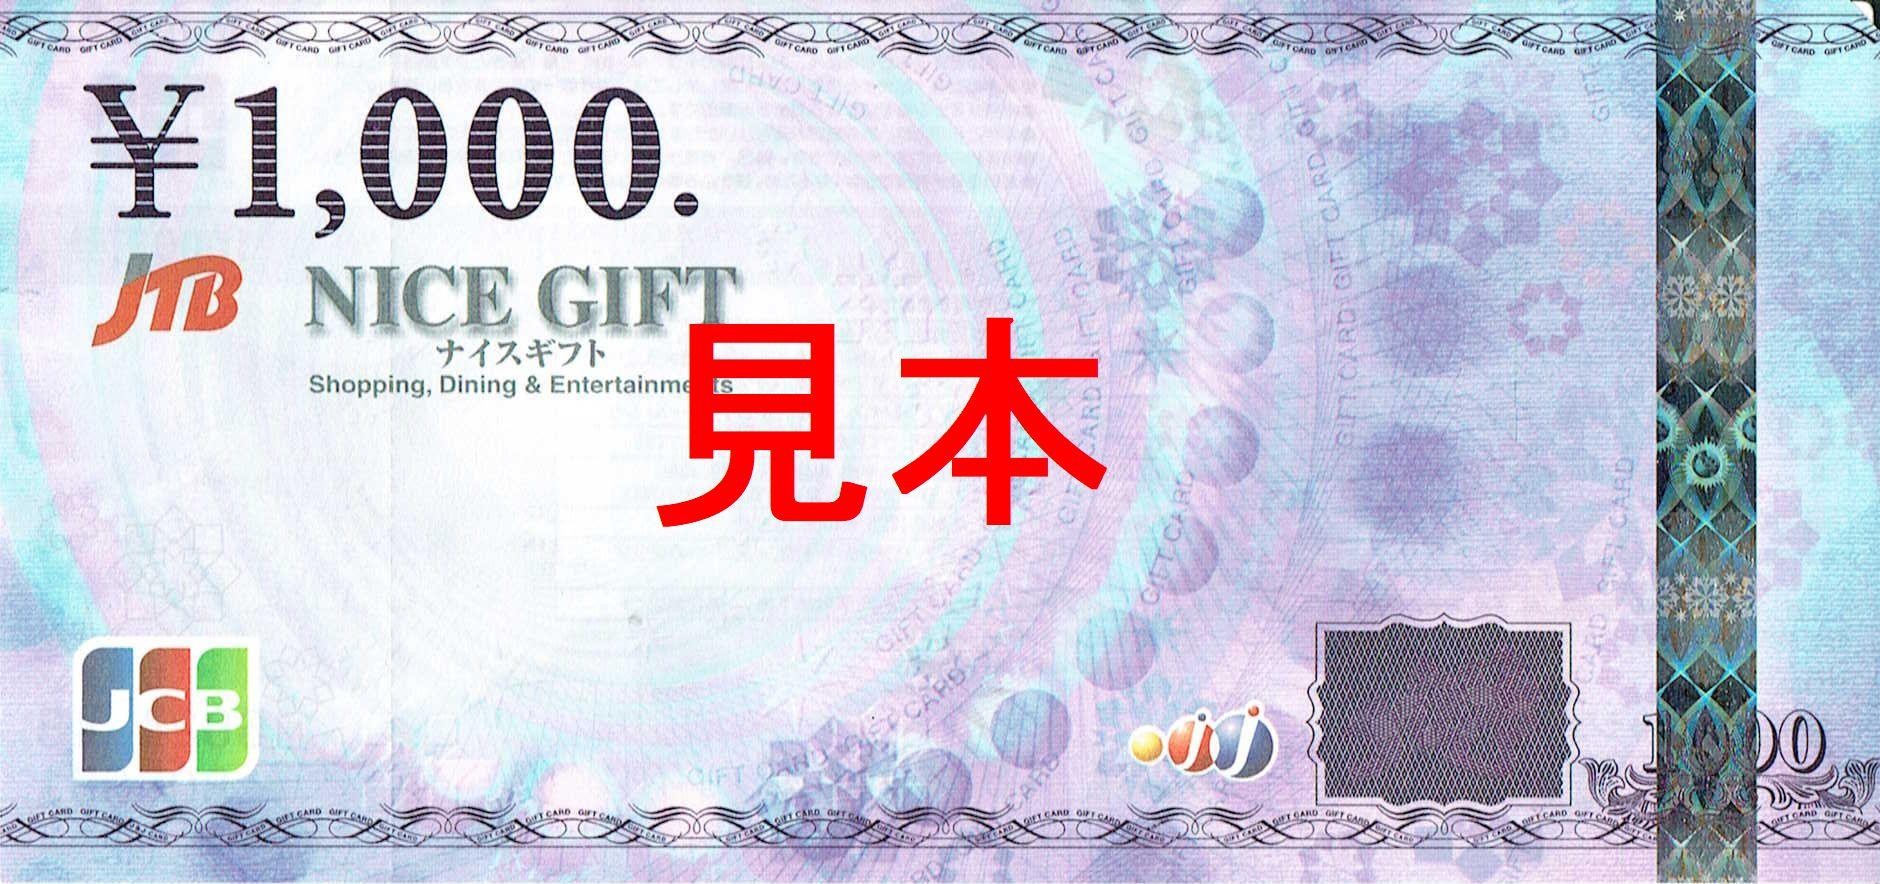 商品名「商品券・金券」「JCBギフトカード(旧券)JCB GIFT CARD 1,000円」